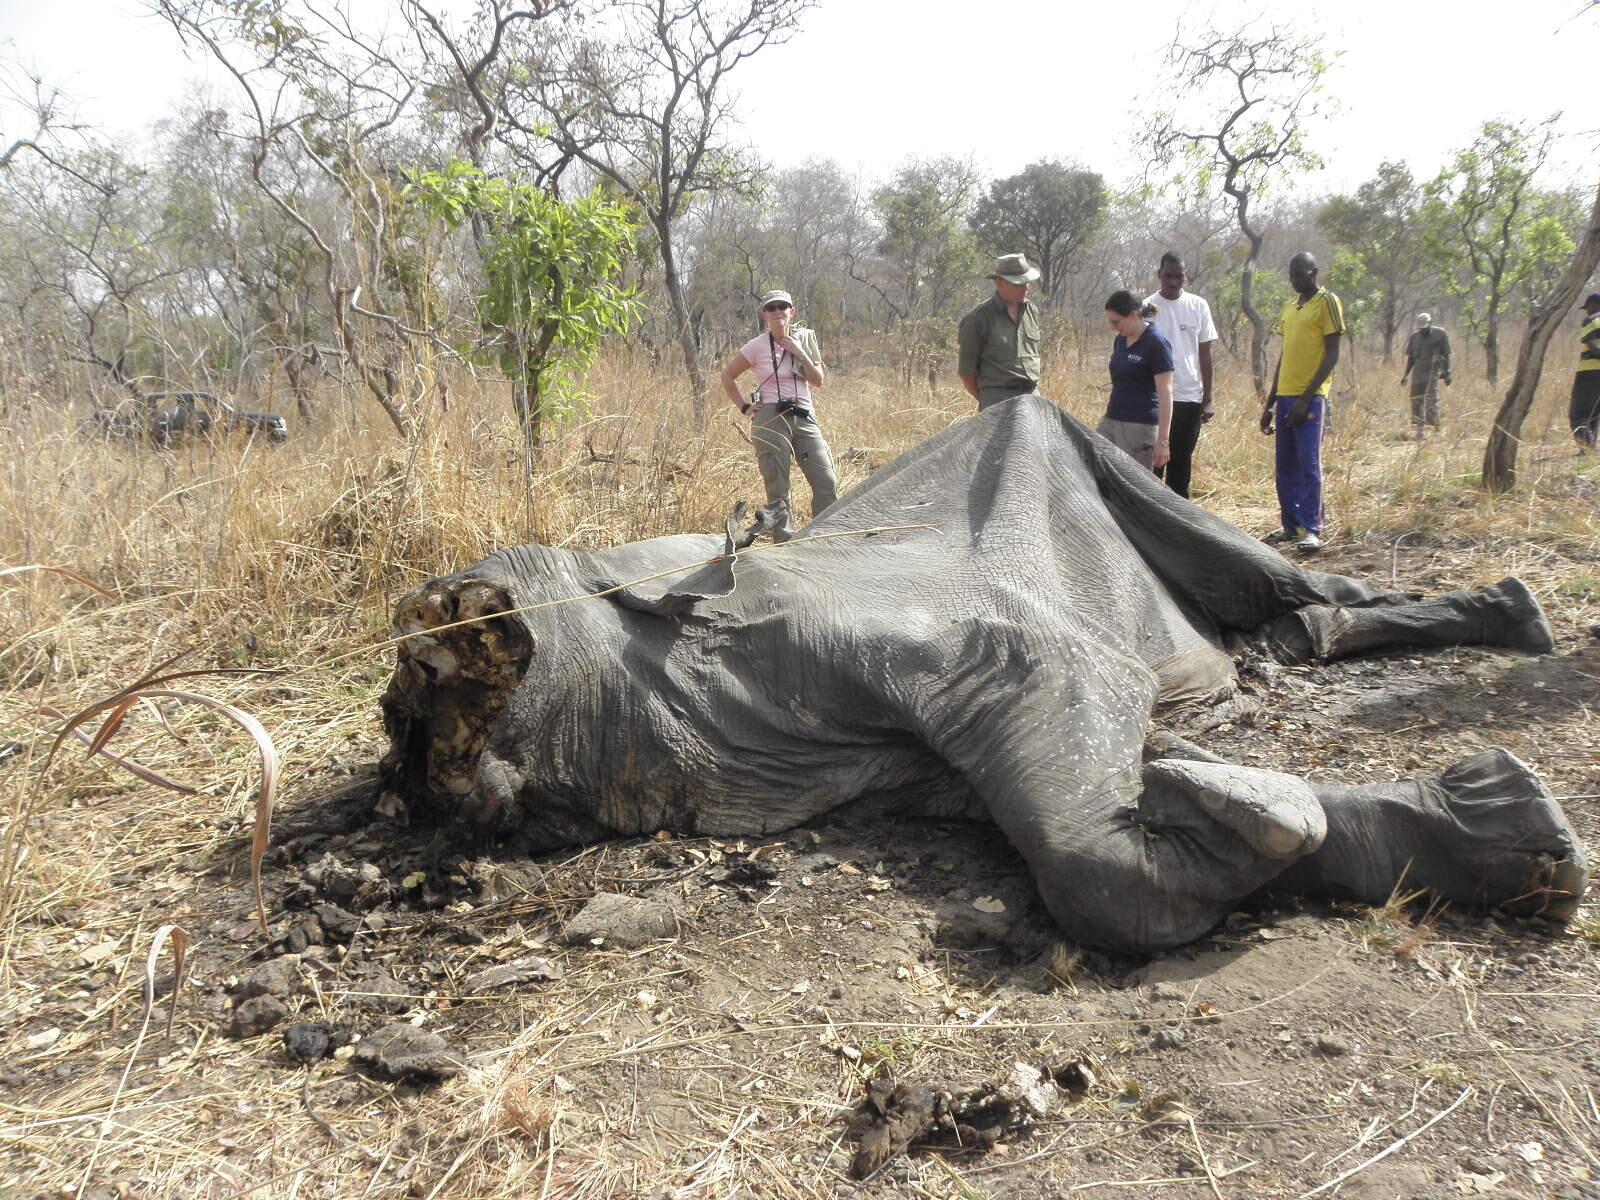 Pour la première fois depuis le début du massacre d'éléphants, une ONG, IFAW (Fonds international pour la protection des animaux) se rend sur place pour établir un état des lieux du désastre.